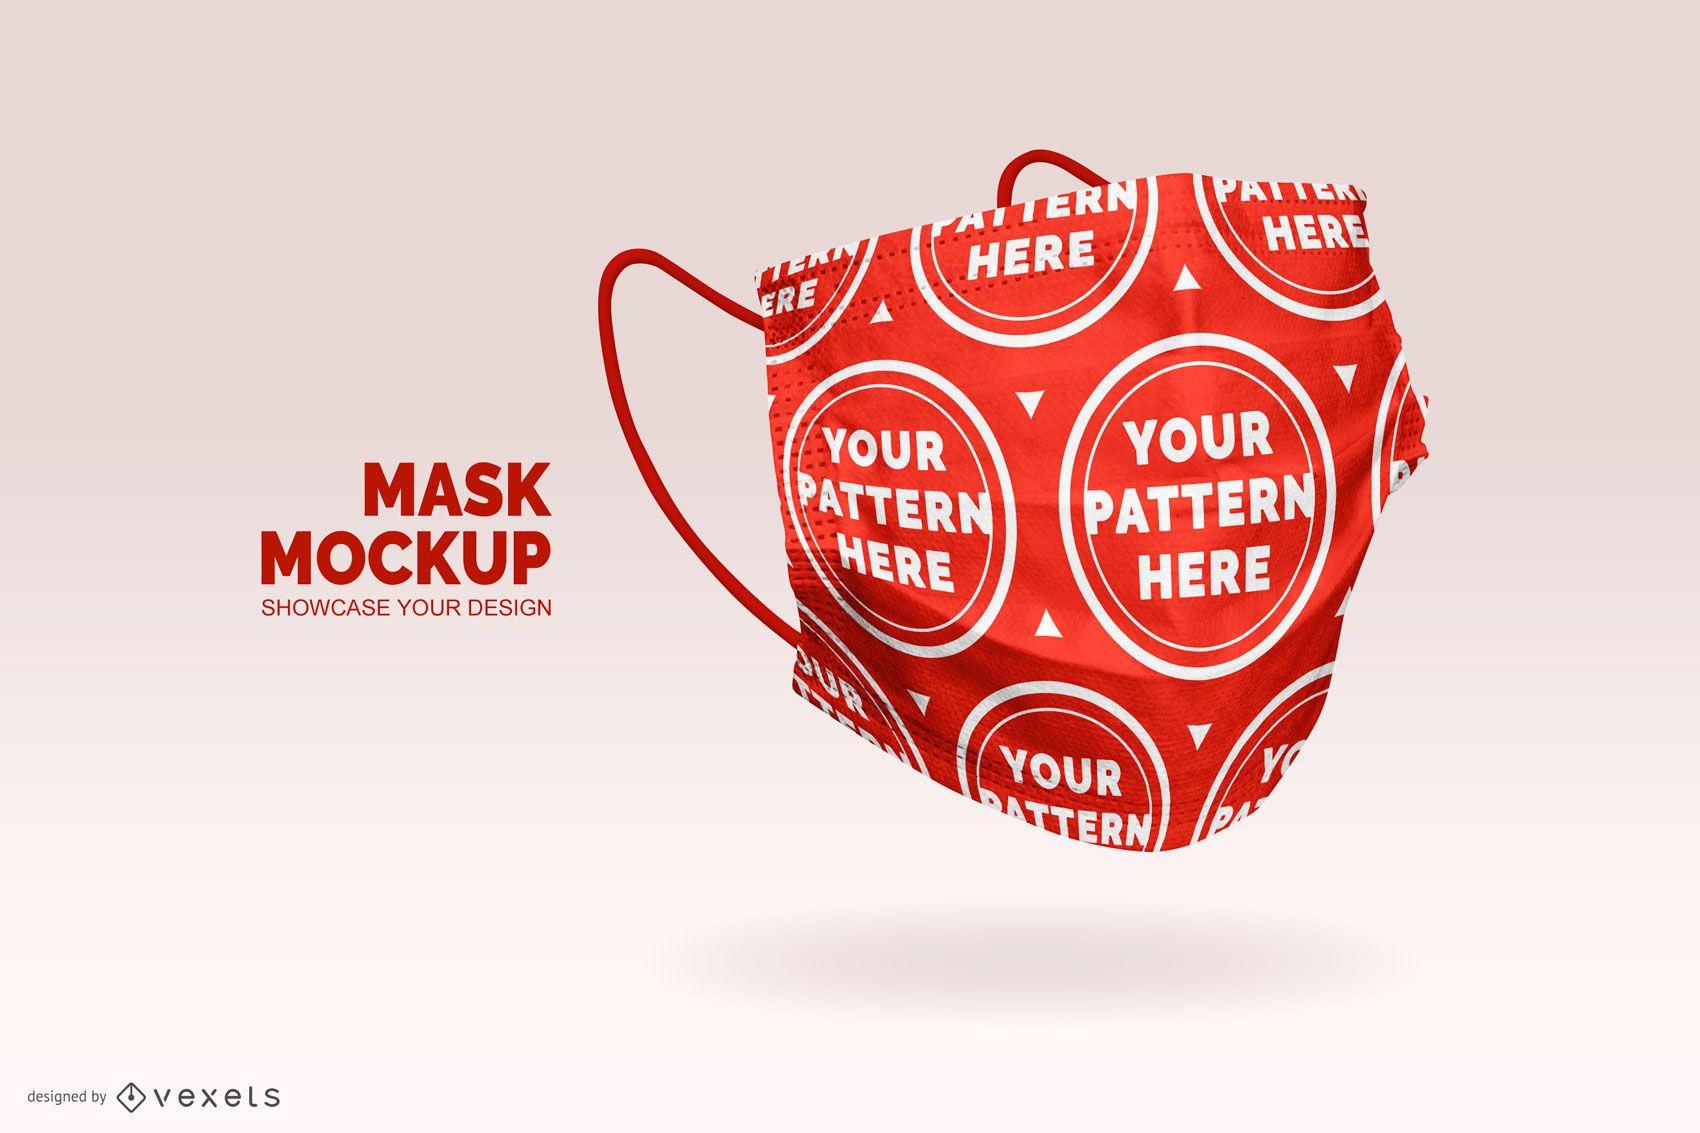 Face mask pattern mockup